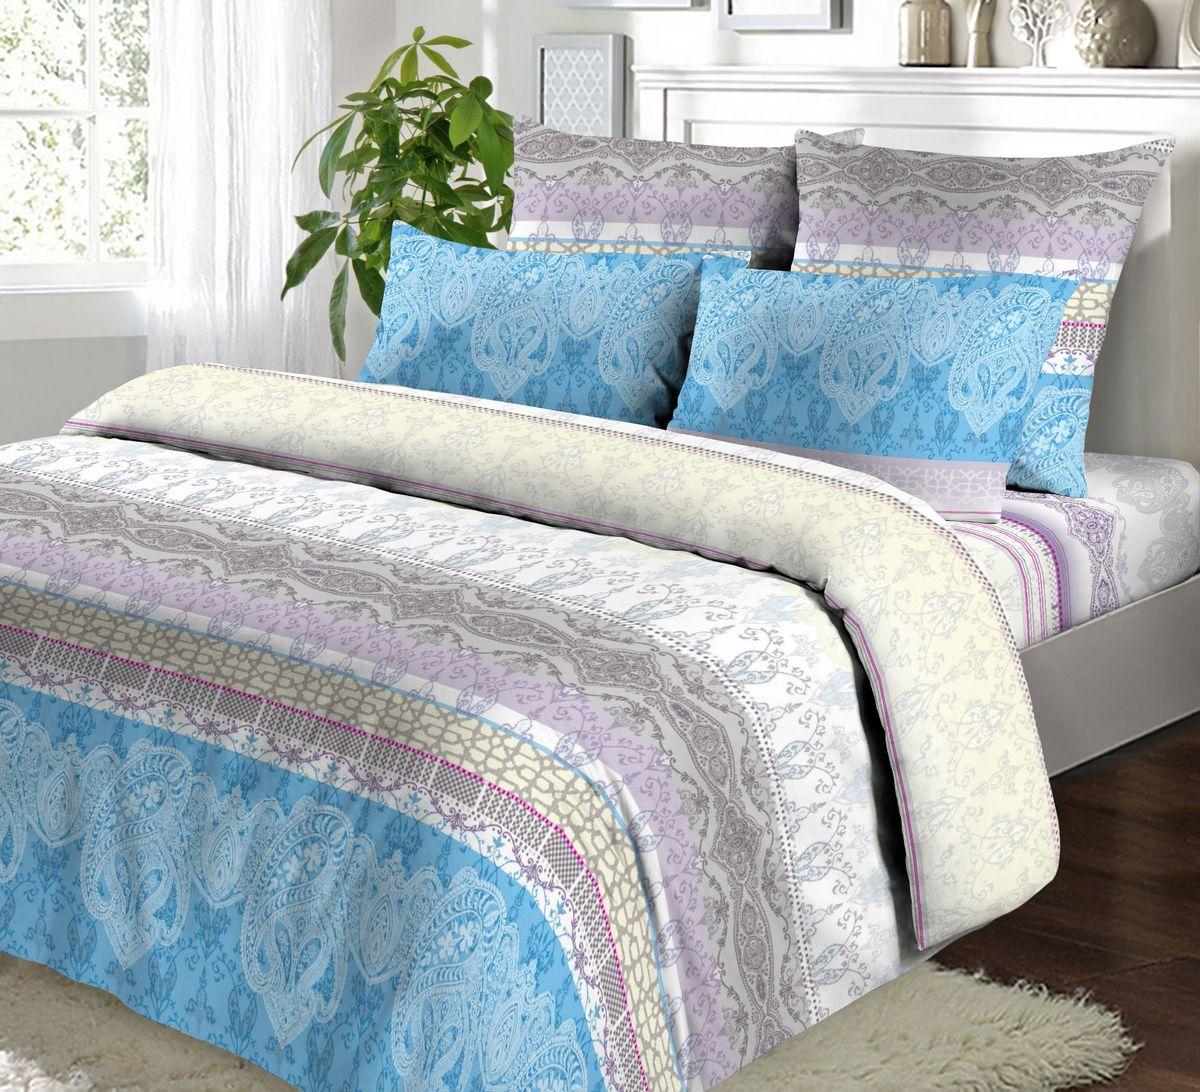 """Комплект постельного белья Коллекция """"Версаль"""" выполнен из бязи (100% натурального хлопка). Комплект состоит из пододеяльника, простыни и двух наволочек. Постельное белье оформлено ярким красочным рисунком. Хорошая, качественная бязь всегда ценилась любителями спокойного и комфортного сна. Гладкая структура делает ткань приятной на ощупь, мягкой и нежной, при этом она прочная и хорошо сохраняет форму. Благодаря такому комплекту постельного белья вы сможете создать атмосферу роскоши и романтики в вашей спальне."""